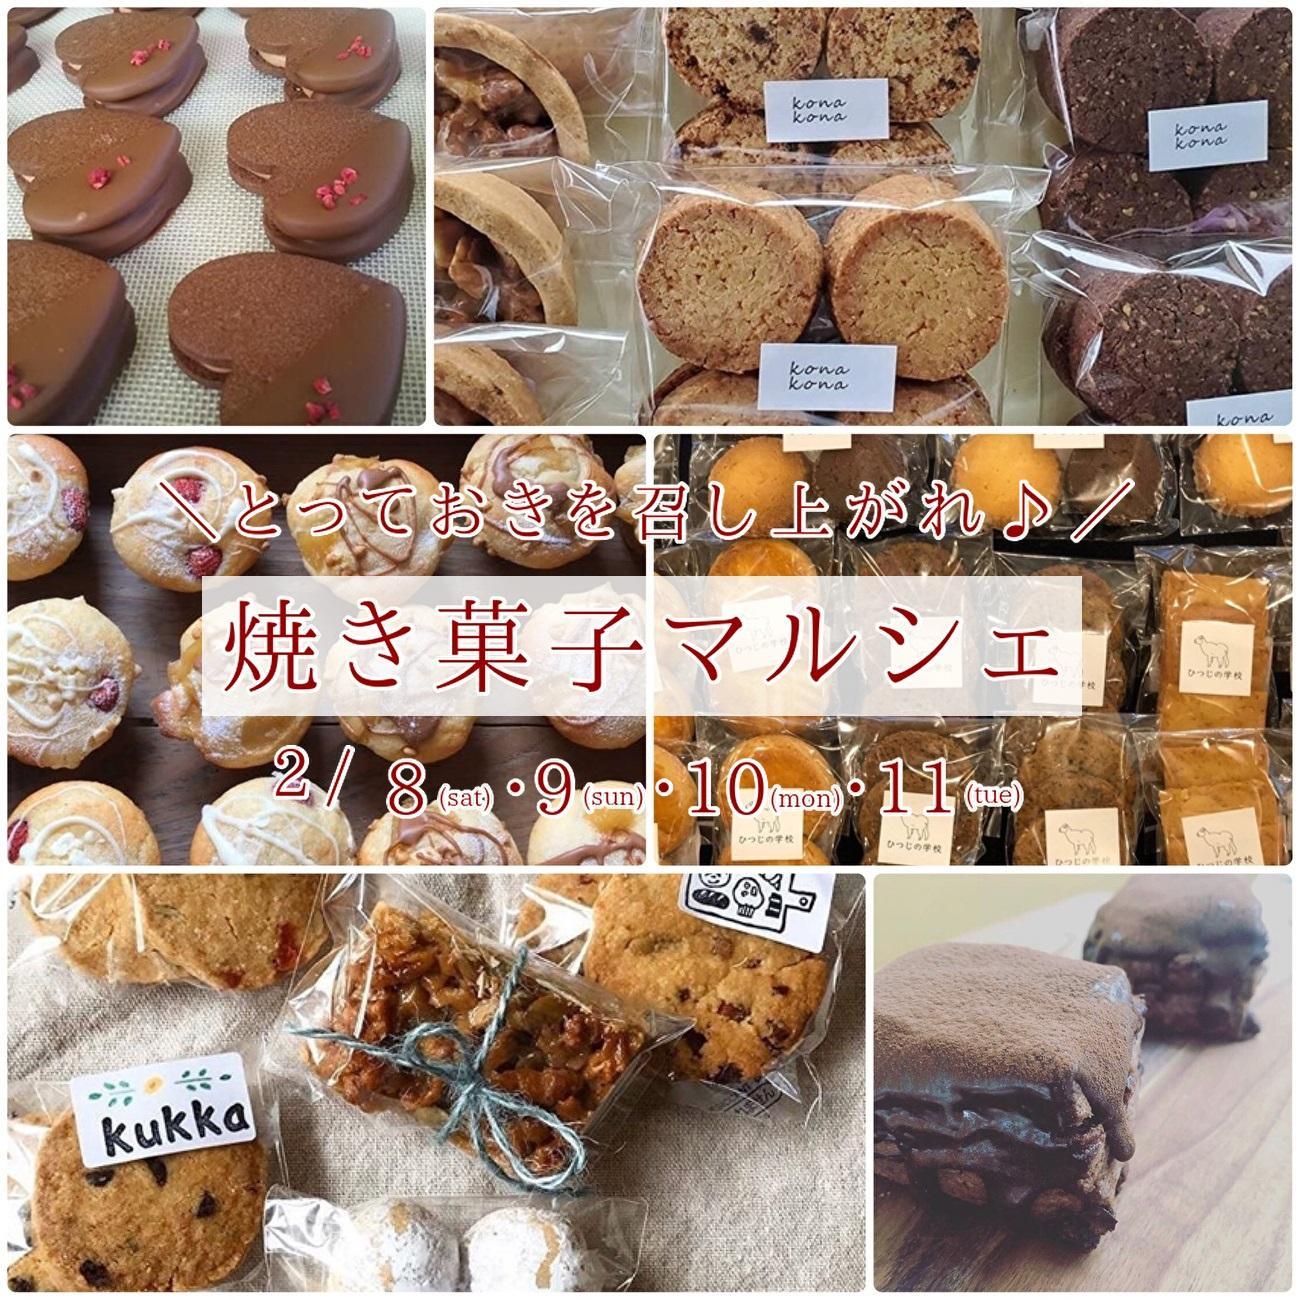 焼き菓子マルシェ/バレンタイン/とっておき/ギフト/ごほうび/マフィン/クッキー